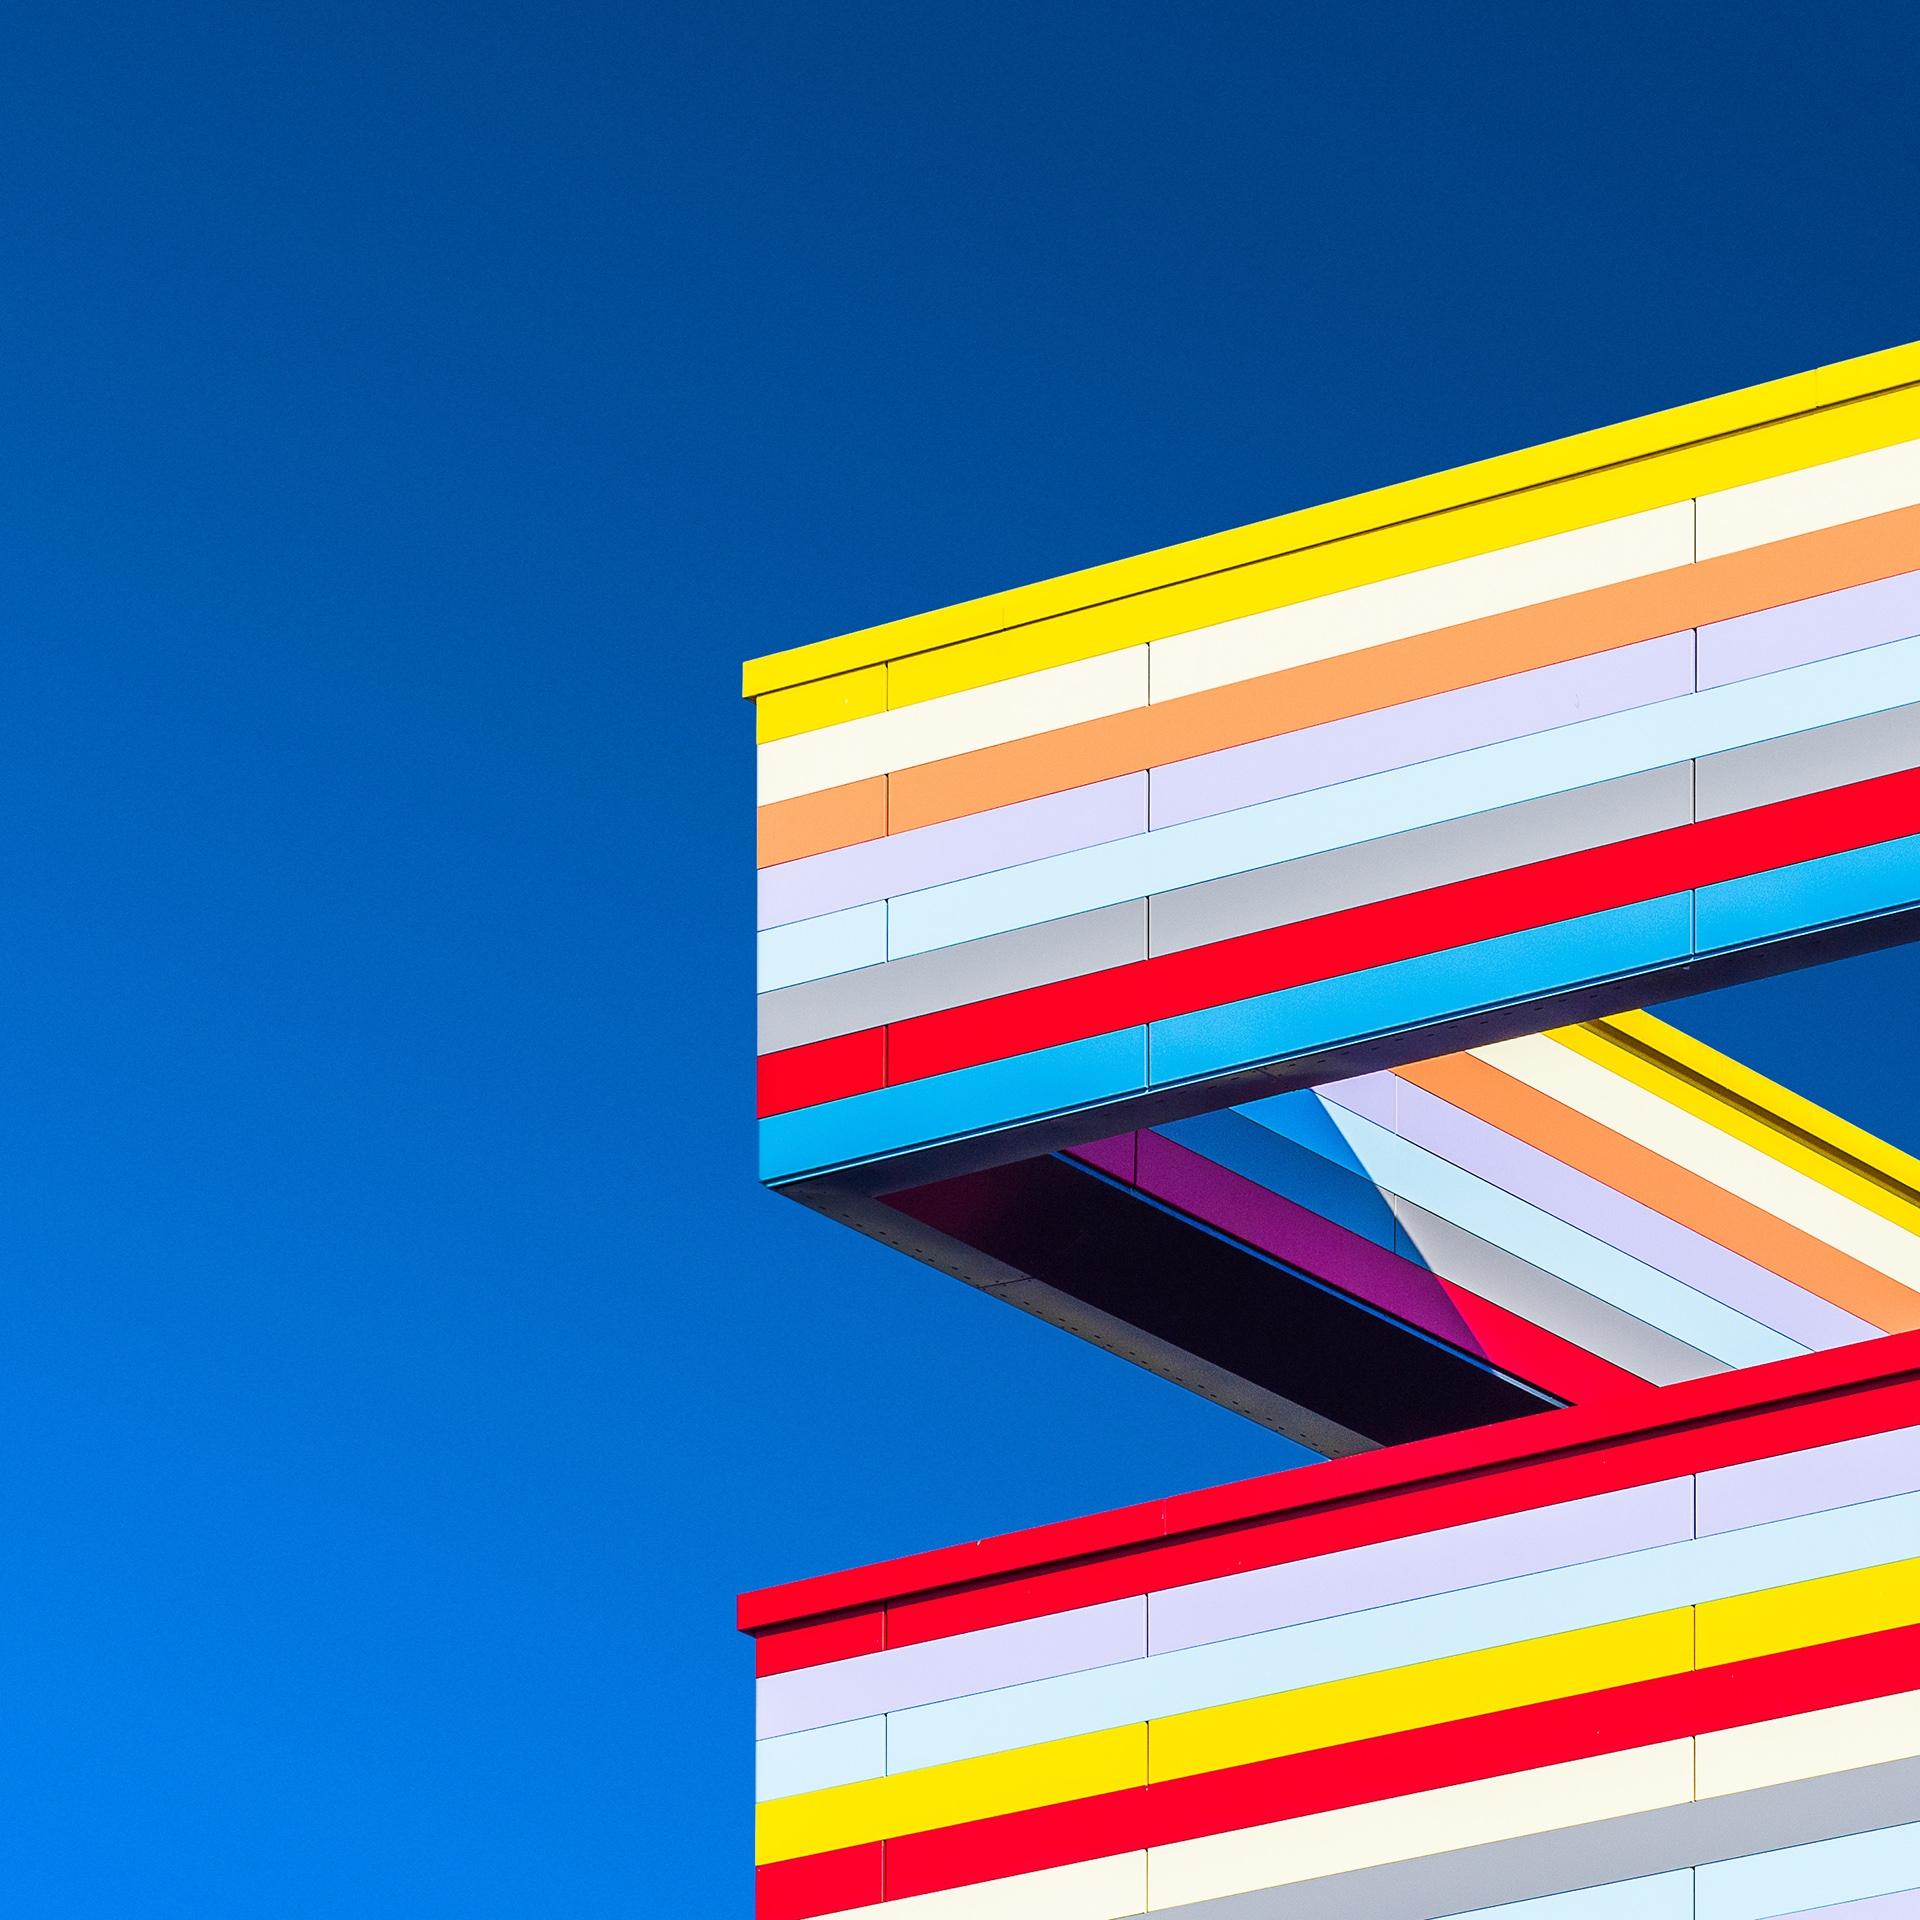 Minimal Architecture Photograph - benim_jbweb | ello